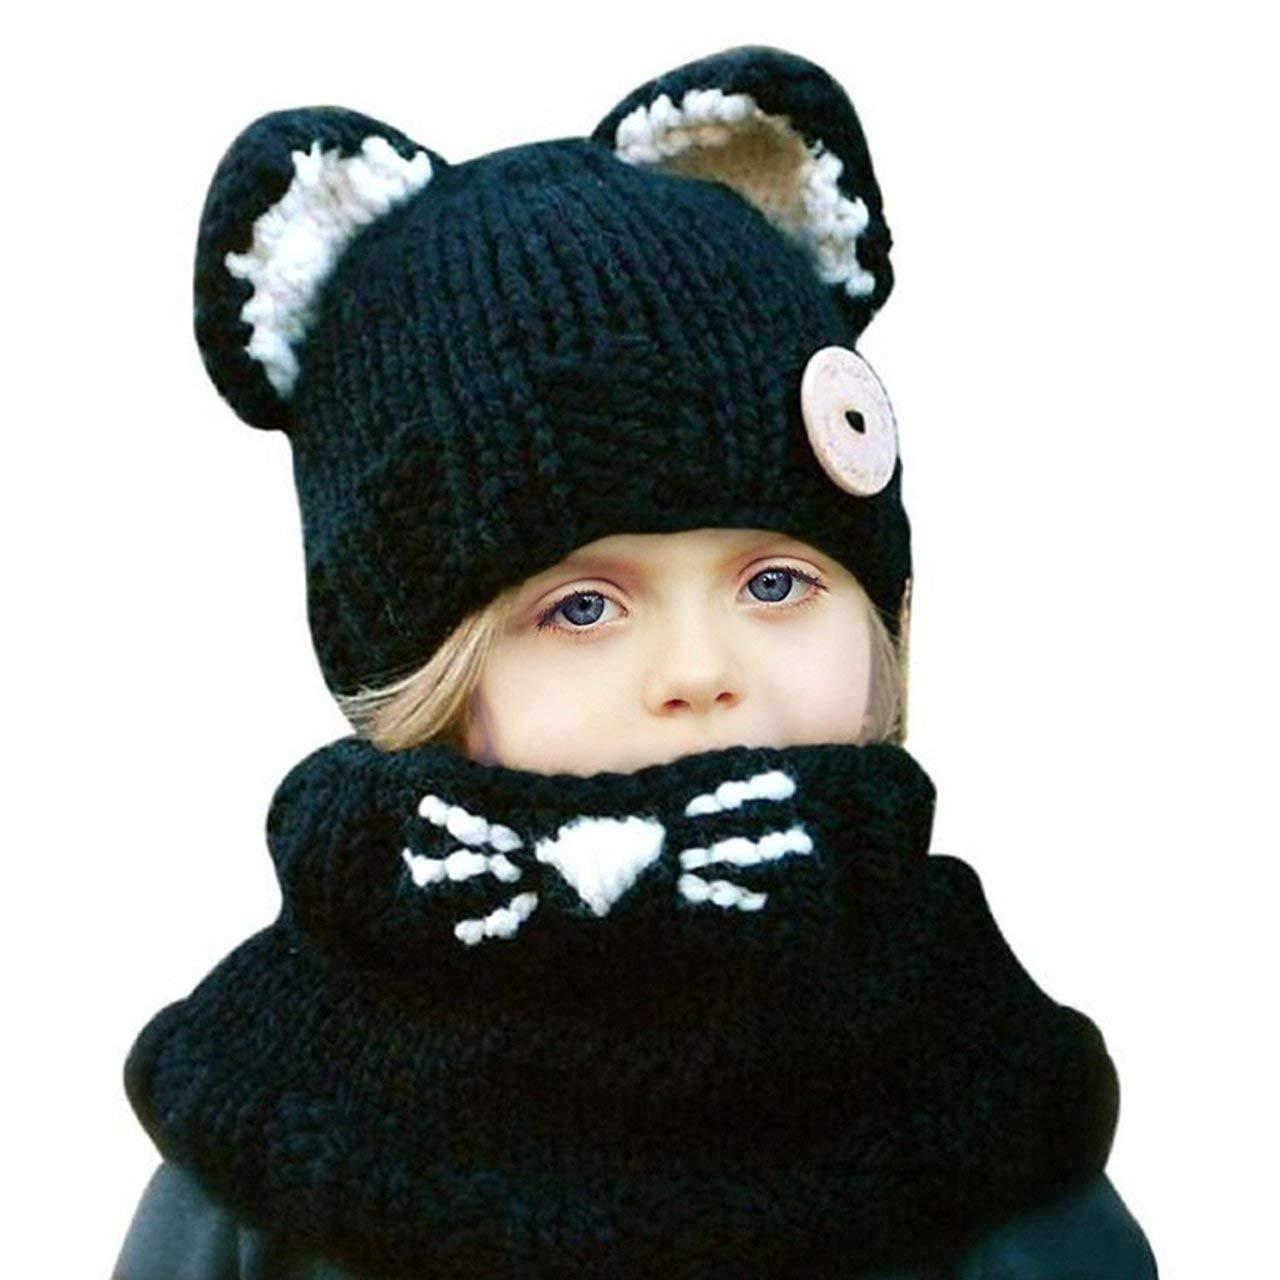 Baby Kids Warm Winter Hat Crochet Knitted Caps Scarves Cute Beanies Ear Warmers Cartoon Fox Rabbit Bear Wolf Cloak Woolen Cap Coat Set